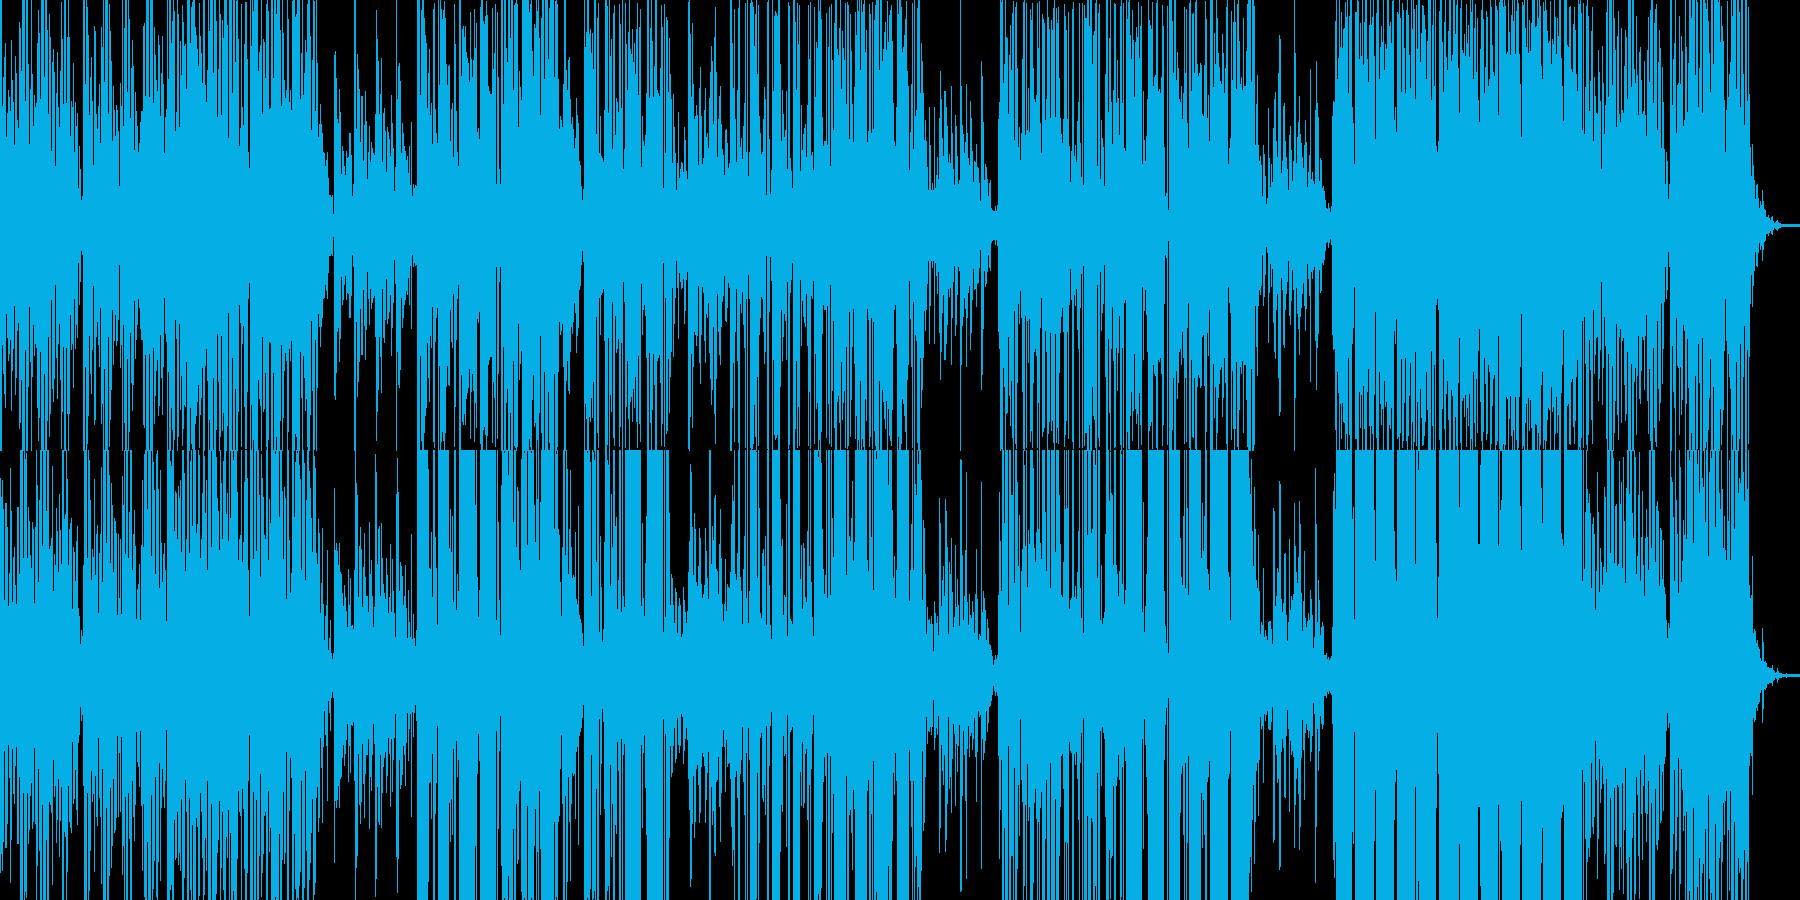 ノイズリズムと美しいメロデイのピアノの再生済みの波形